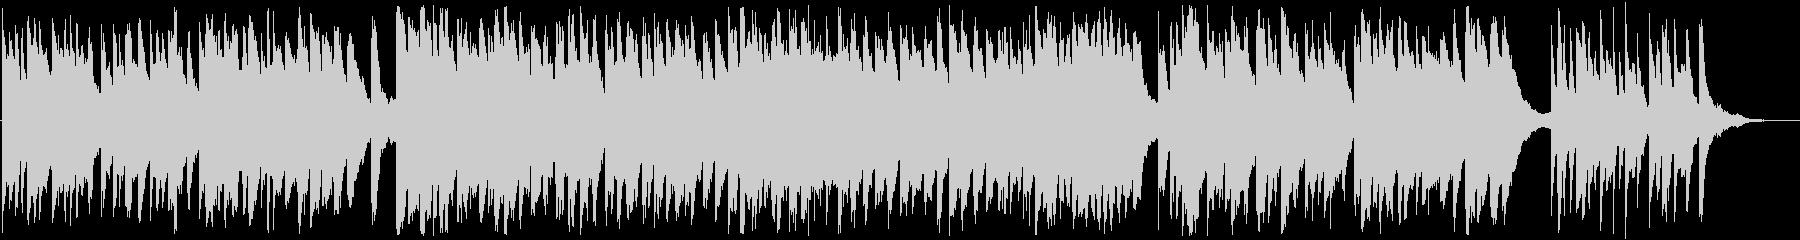 切ない回想のピアノ曲の未再生の波形